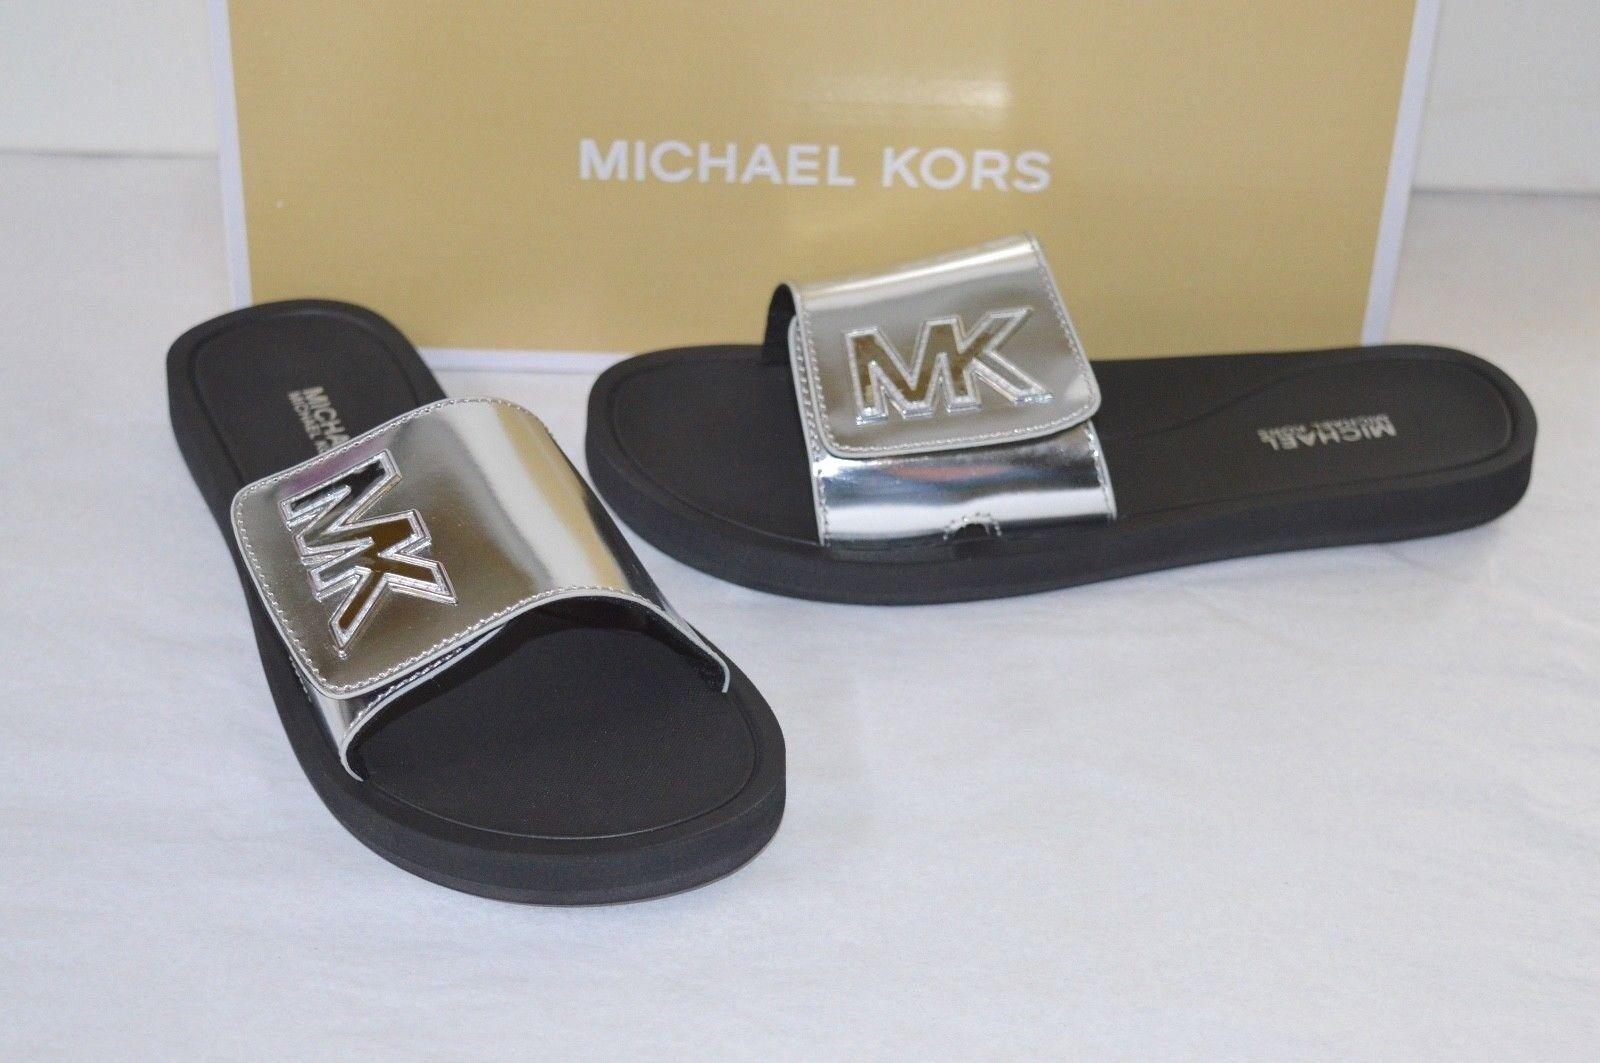 dba63d974614 Michael Kors MK Slide Mirror Metallic Black Silver Sandal Slides Sz ...